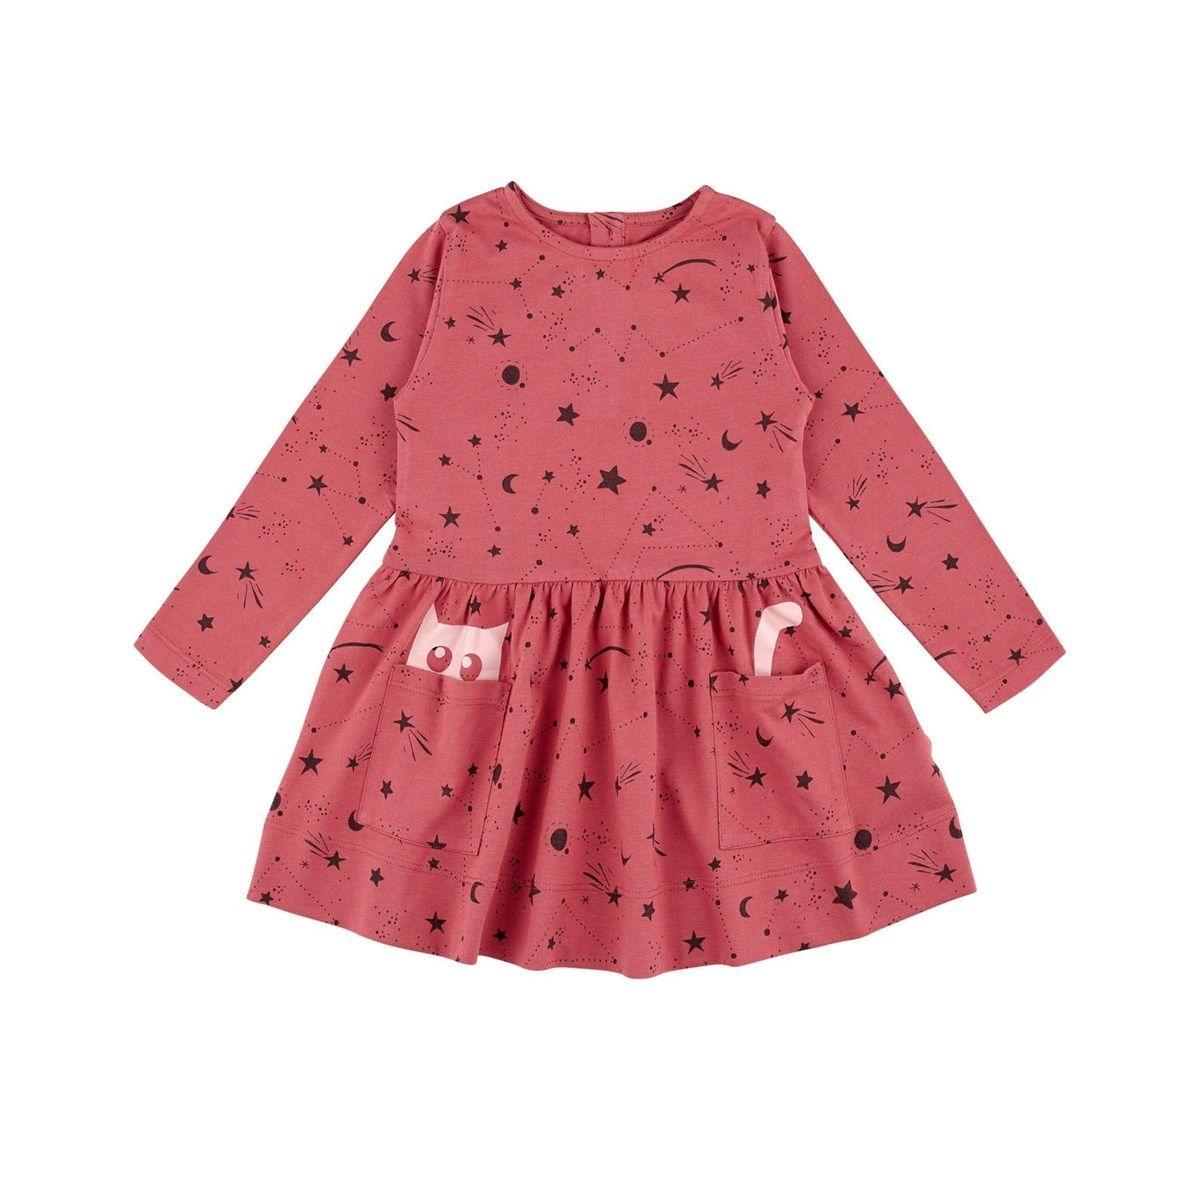 Robe enfant rose automne Coton Bio